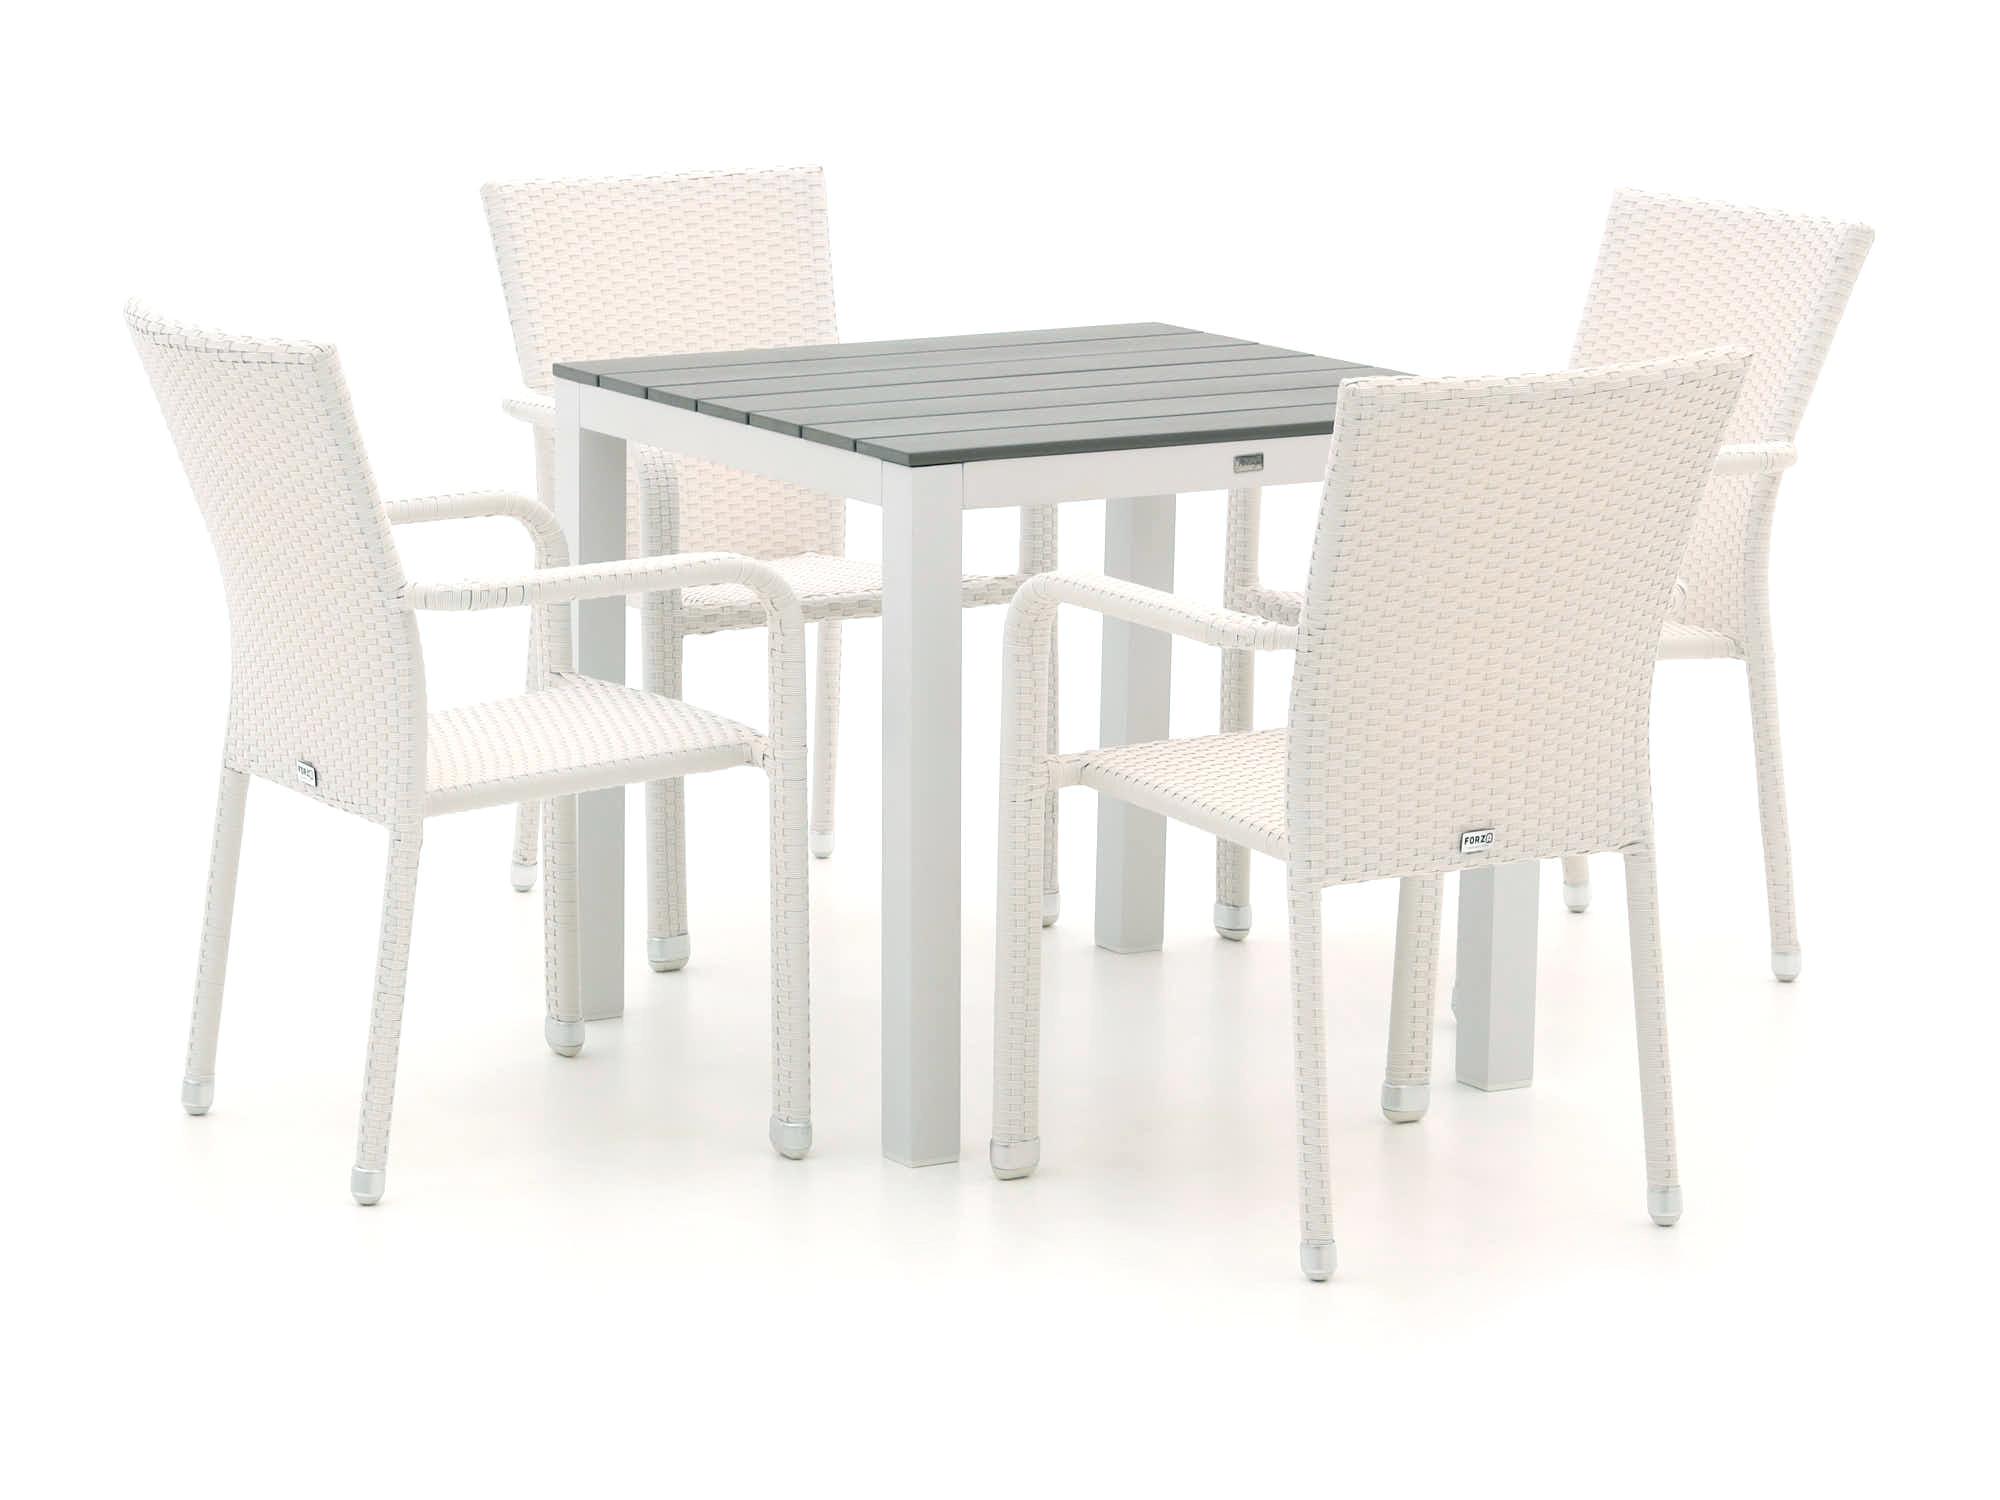 Forza Fossano/Fidenza 78cm dining tuinset 5-delig stapelbaar - Laagste prijsgarantie!